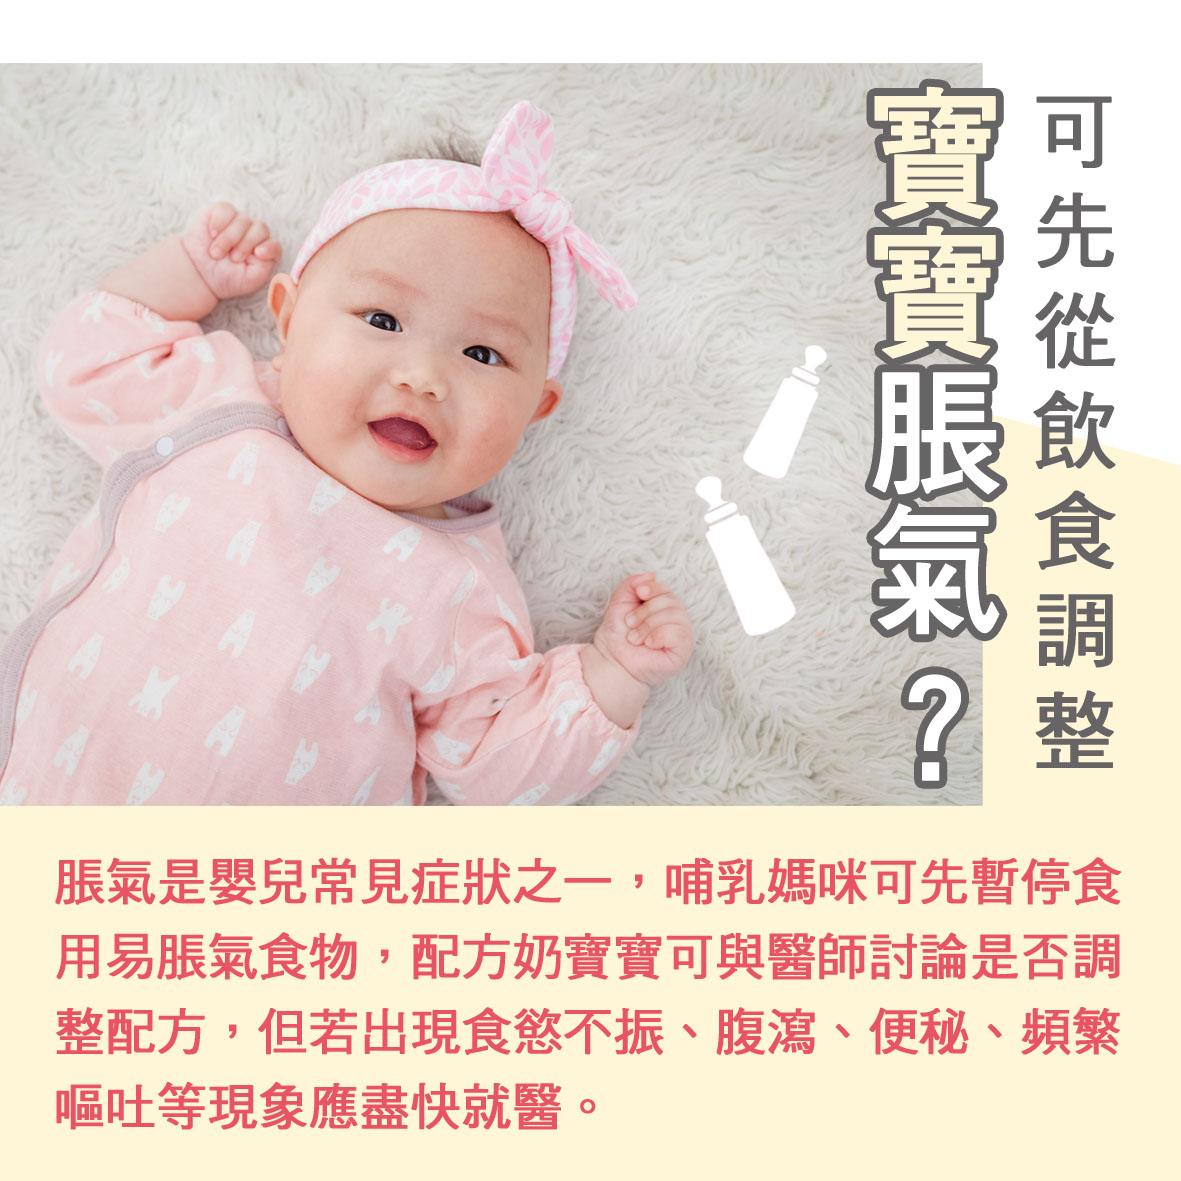 寶寶篇第12週-寶寶脹氣?可先從飲食調整